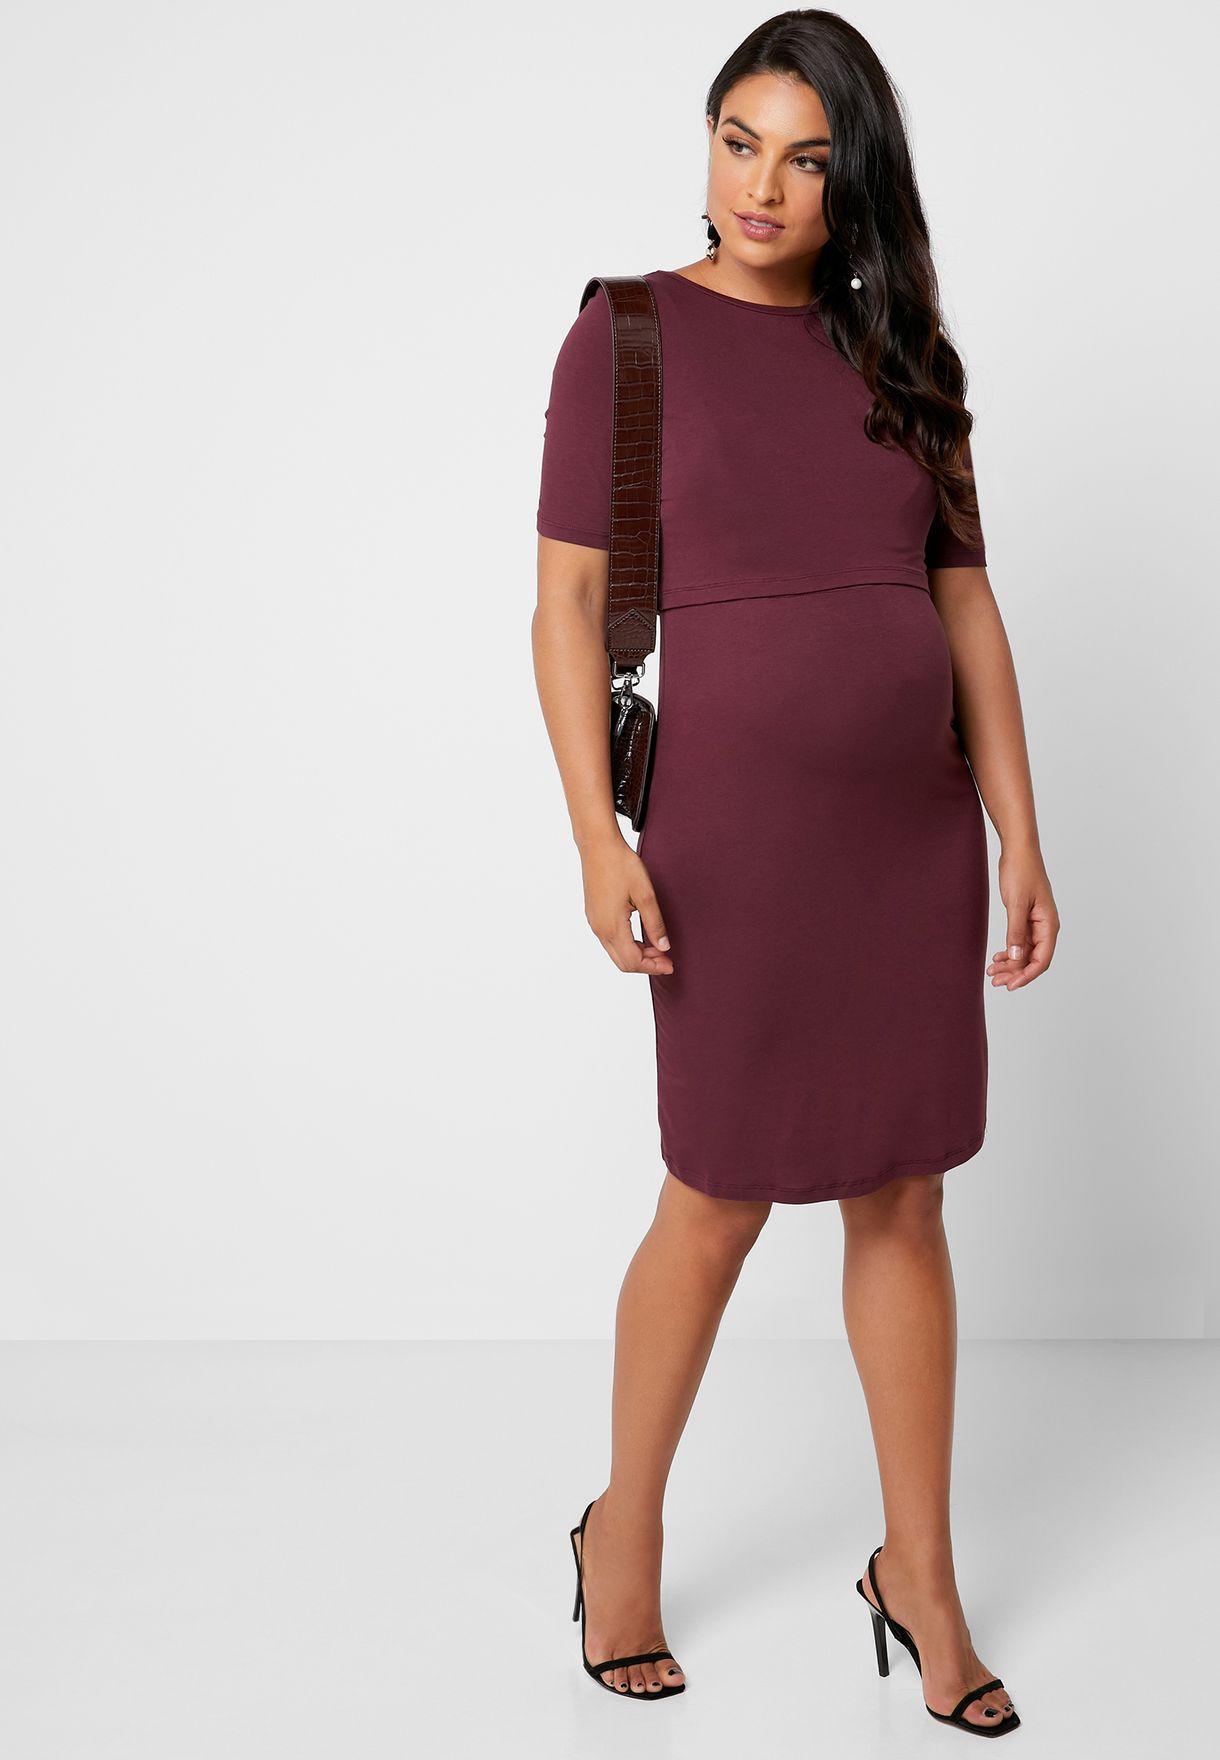 فستان مزين بطبقة علوية